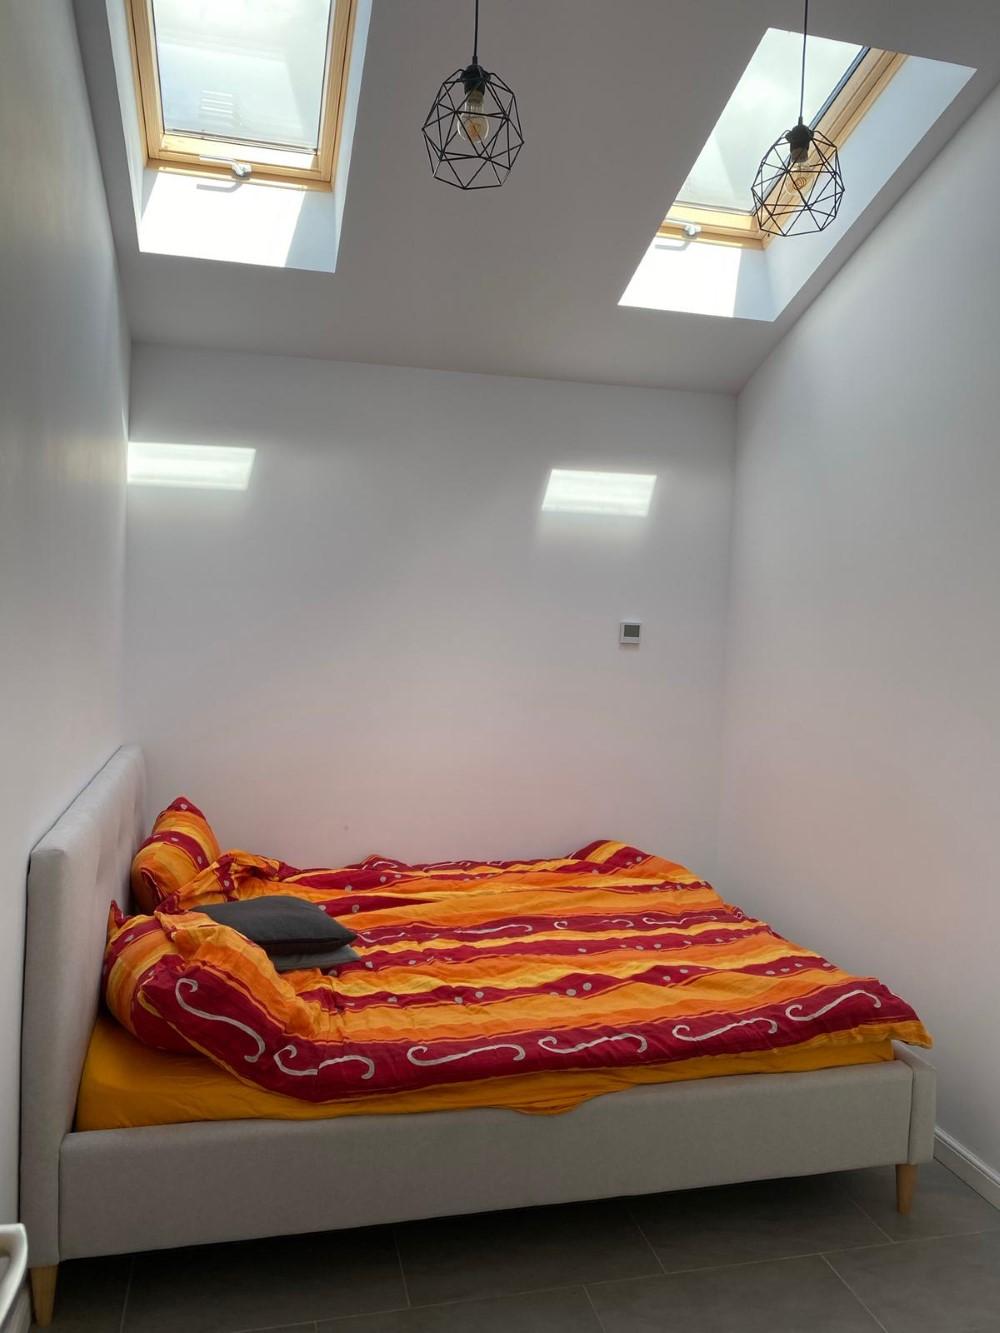 Obiectivul principal a fost acela de a crea o casă cât mai confortabilă